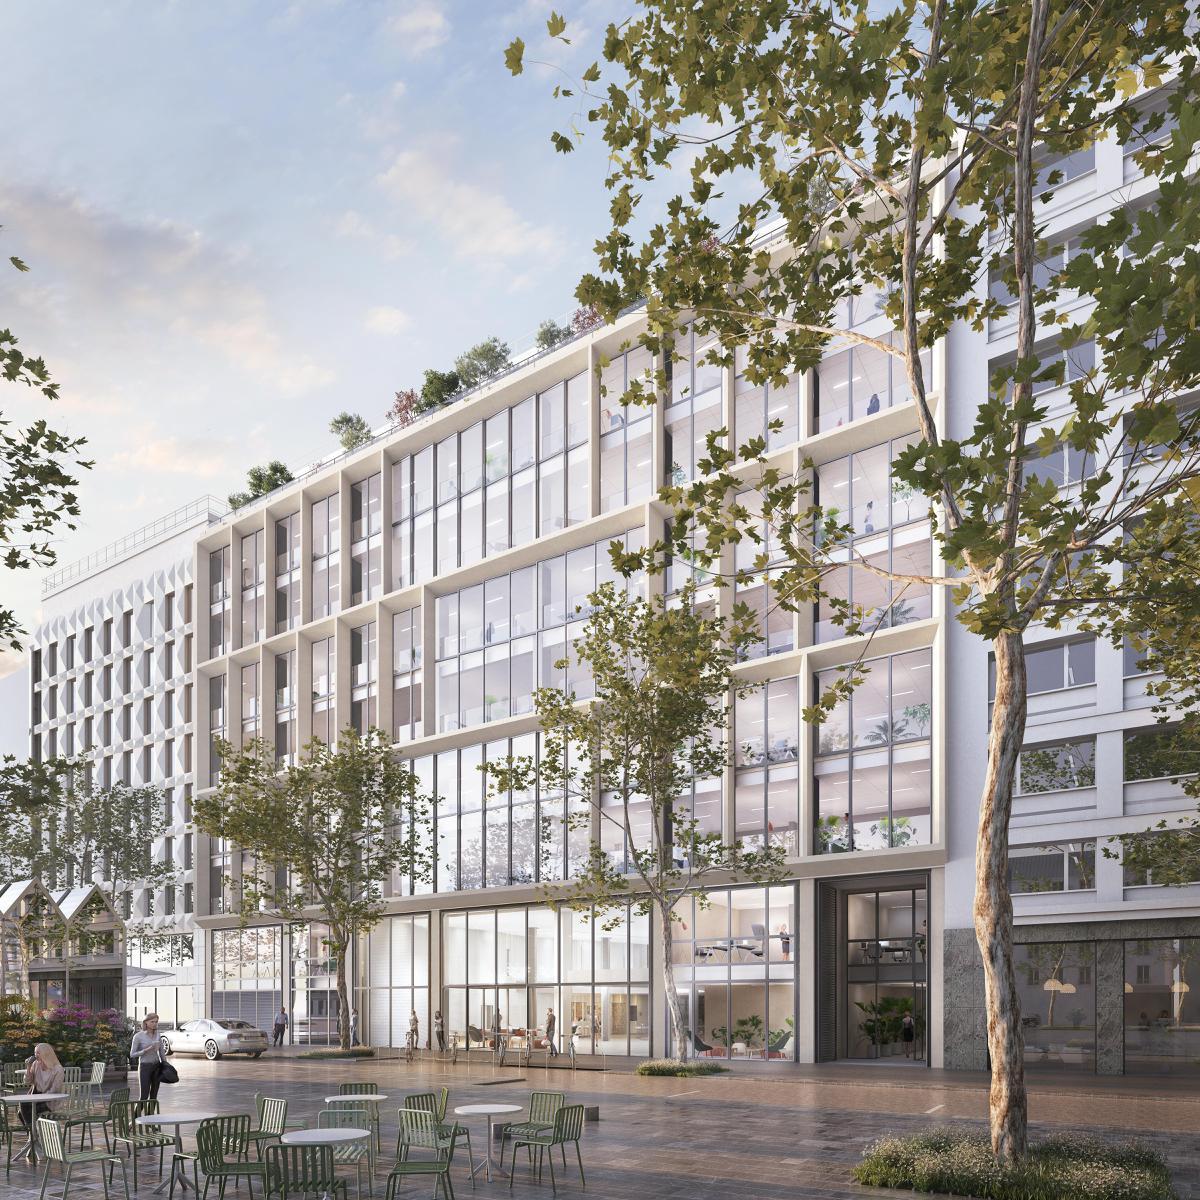 Paris Materiaux Villeneuve La Garenne location bureau neuilly-sur-seine 92200 14 655m²